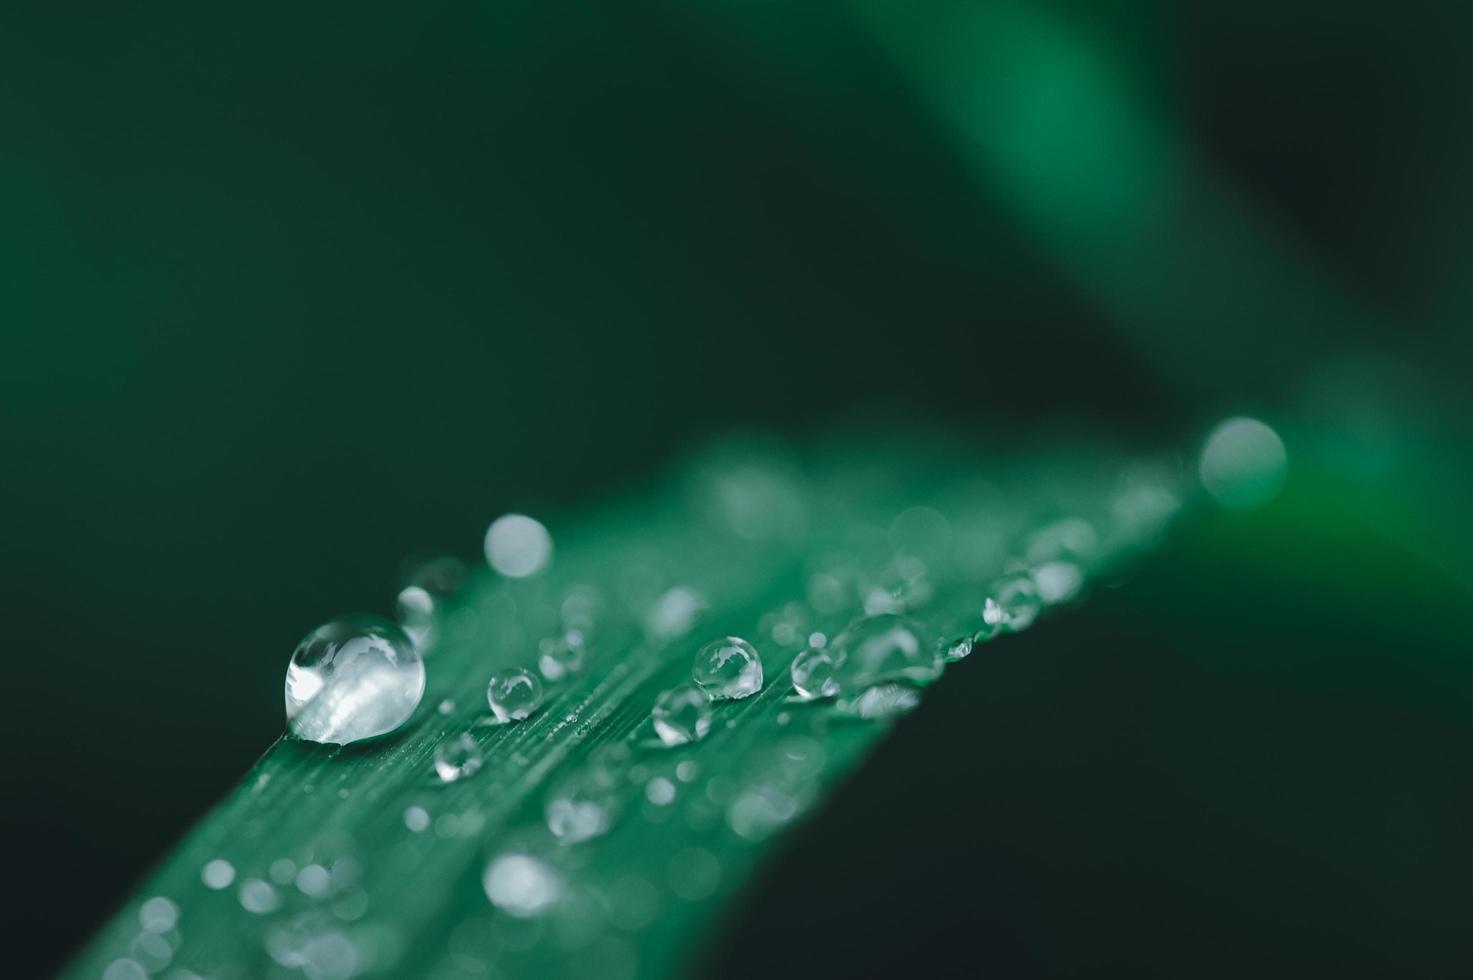 gouttelettes d'eau feuille verte lame photo